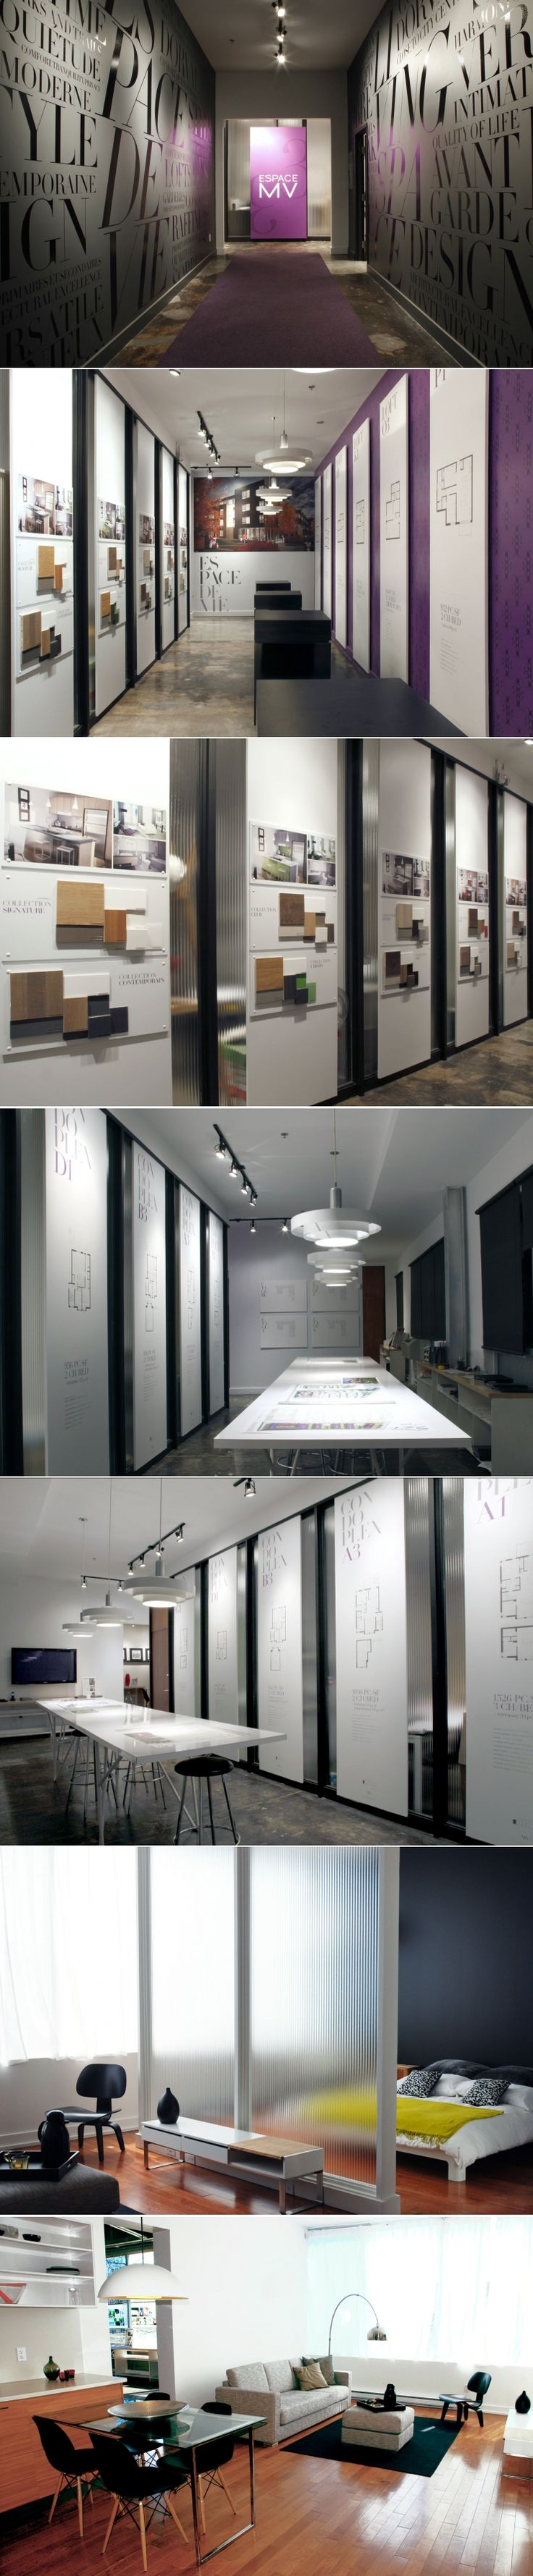 Espace MV hum design 100 best